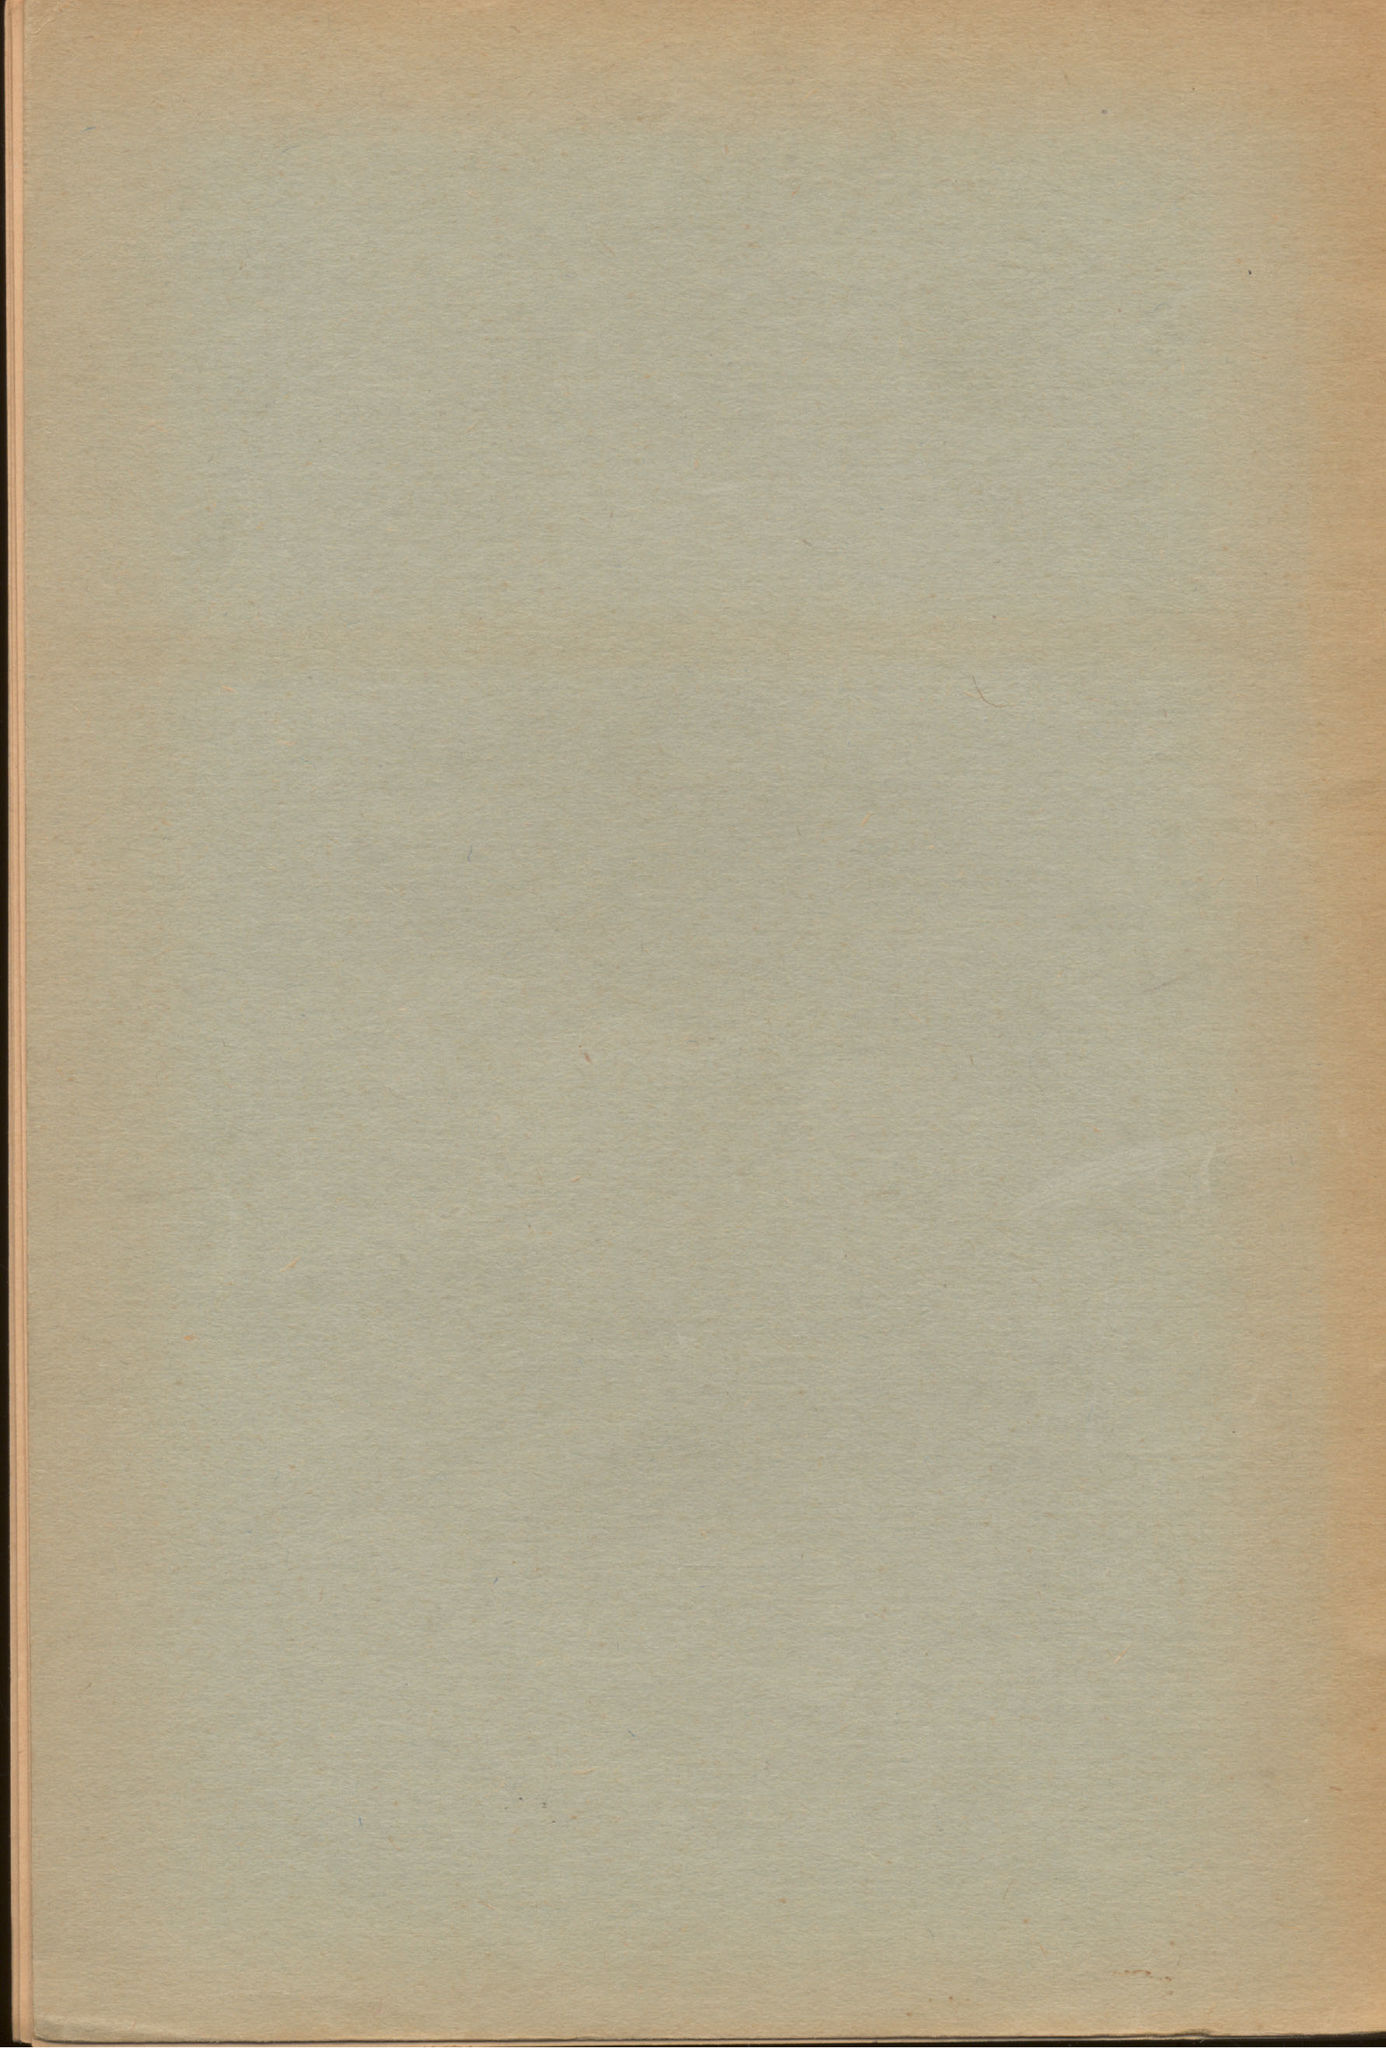 AAB, Landsorganisasjonen i Norge, 1911-1953, s. 189